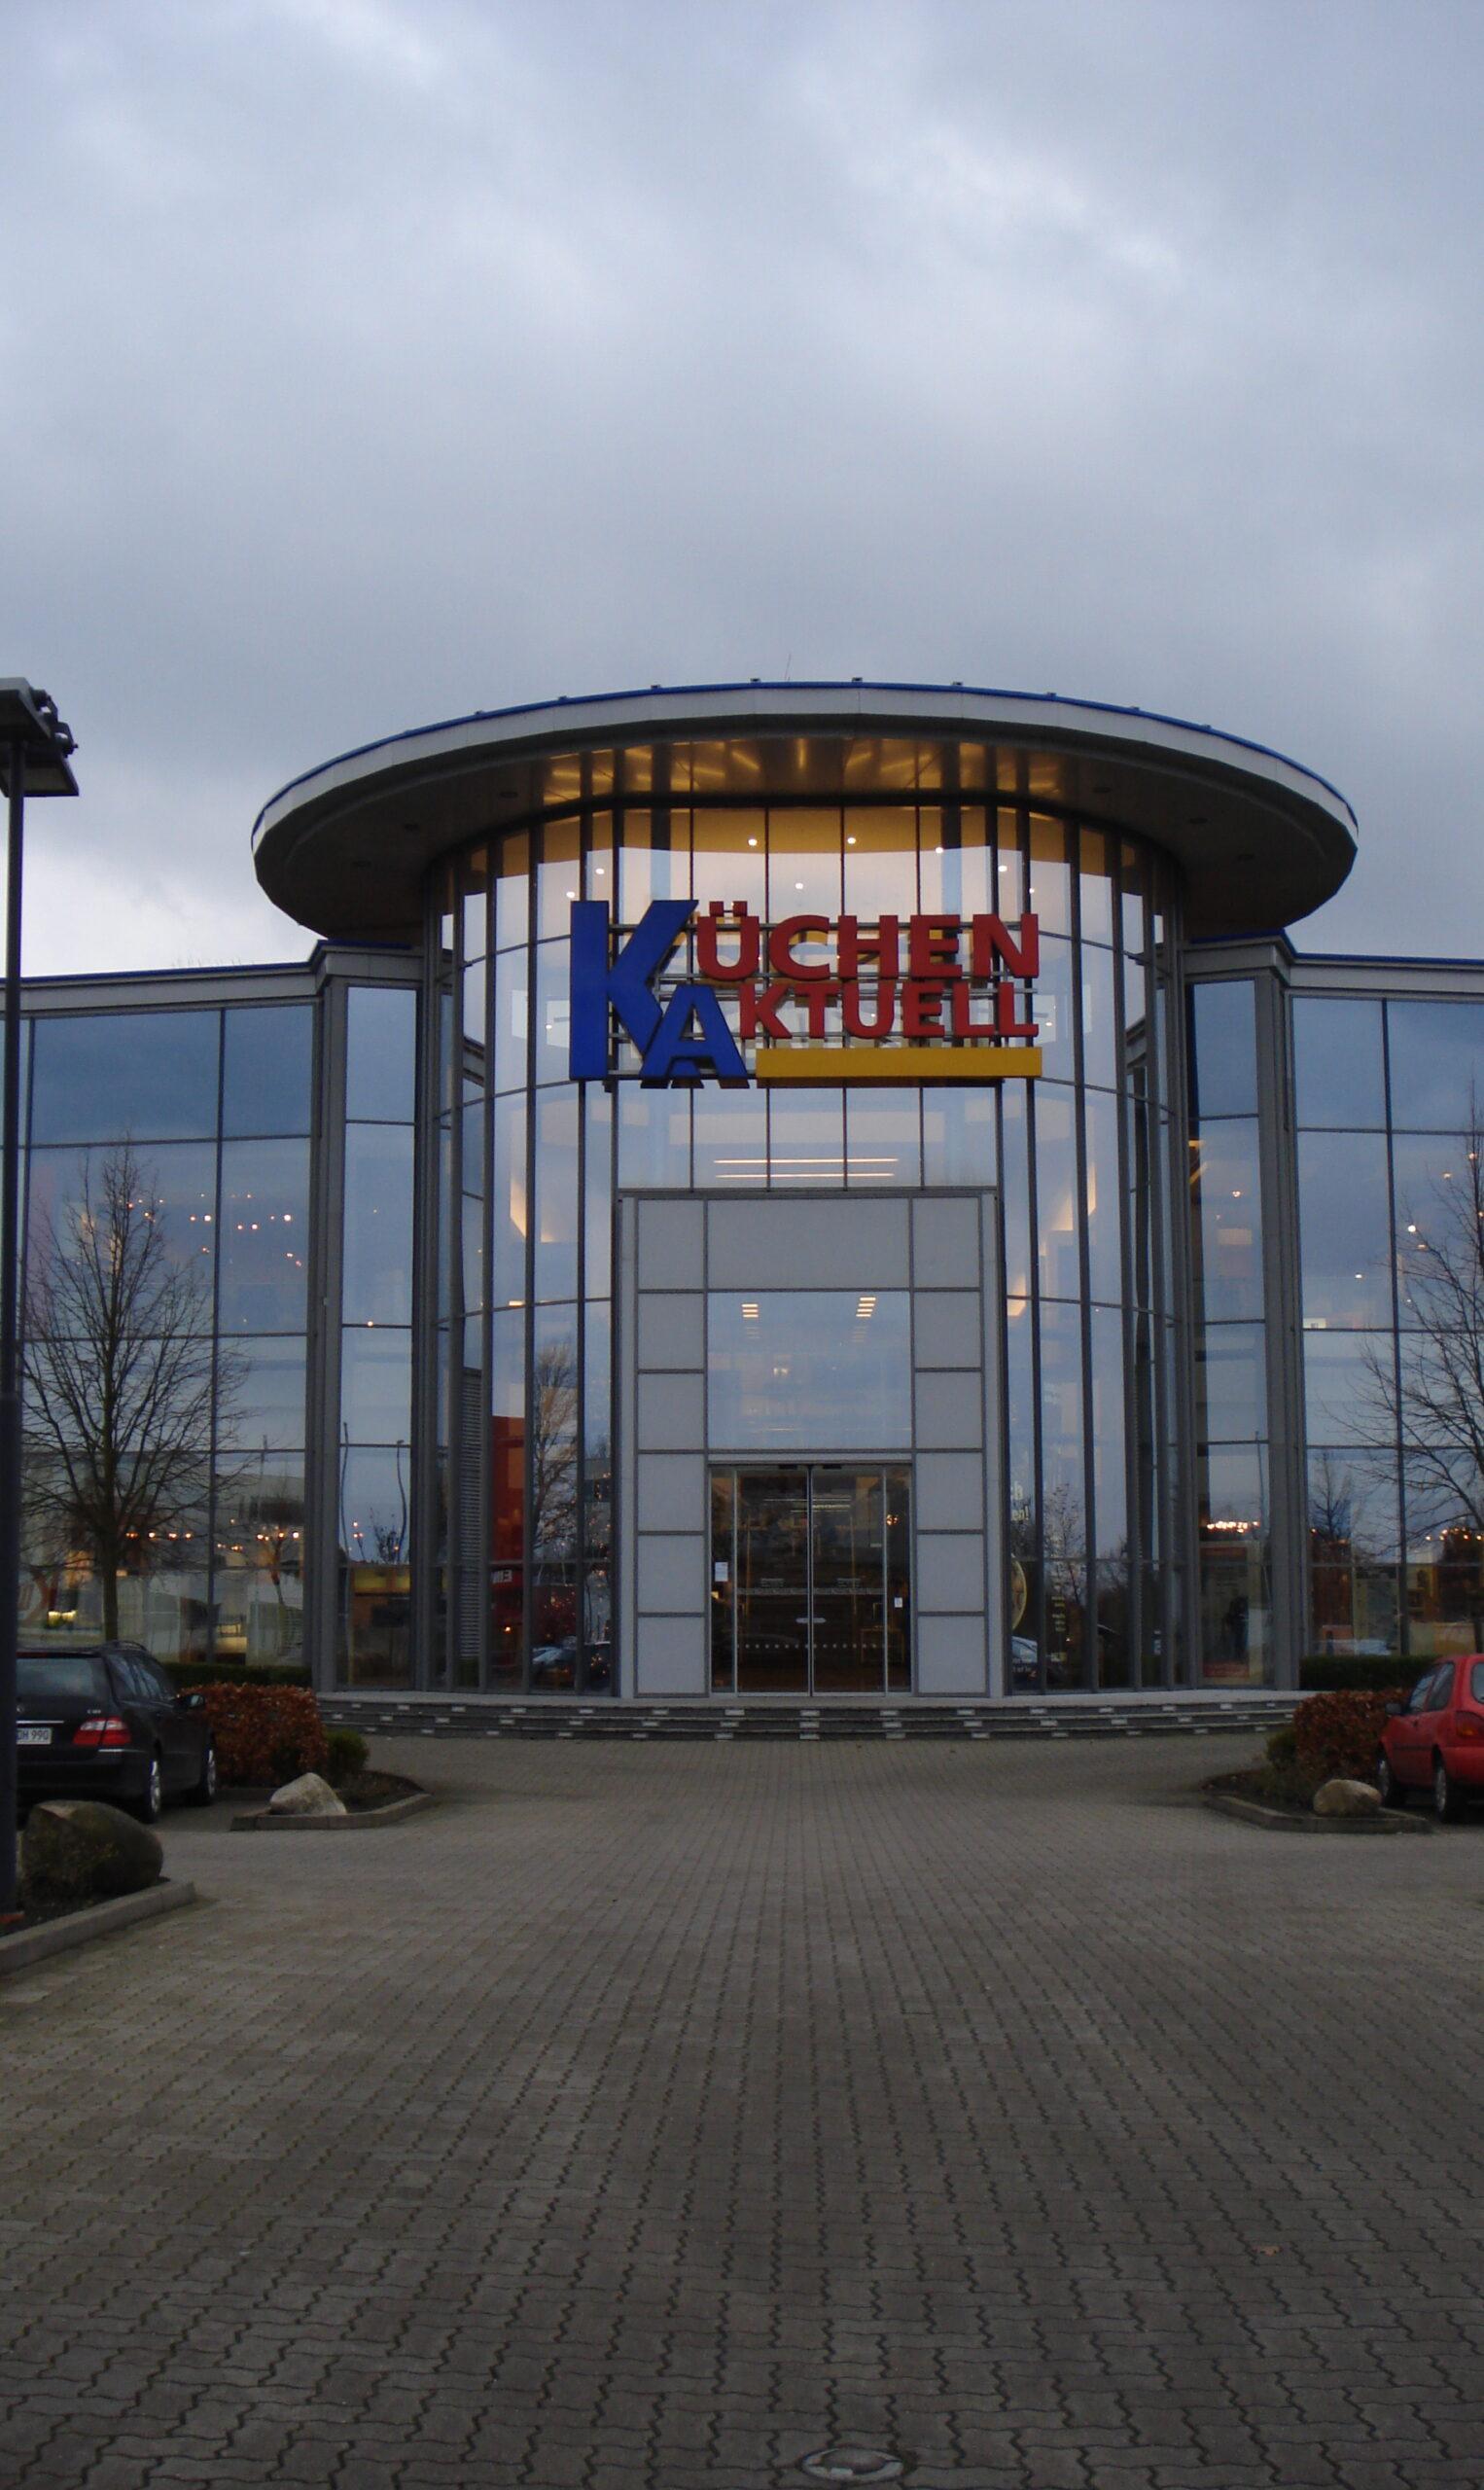 Full Size of Kchen Aktuell Gmbh Kchenfachhandel 25469 Halstenbek Küchen Regal Wohnzimmer Küchen Aktuell